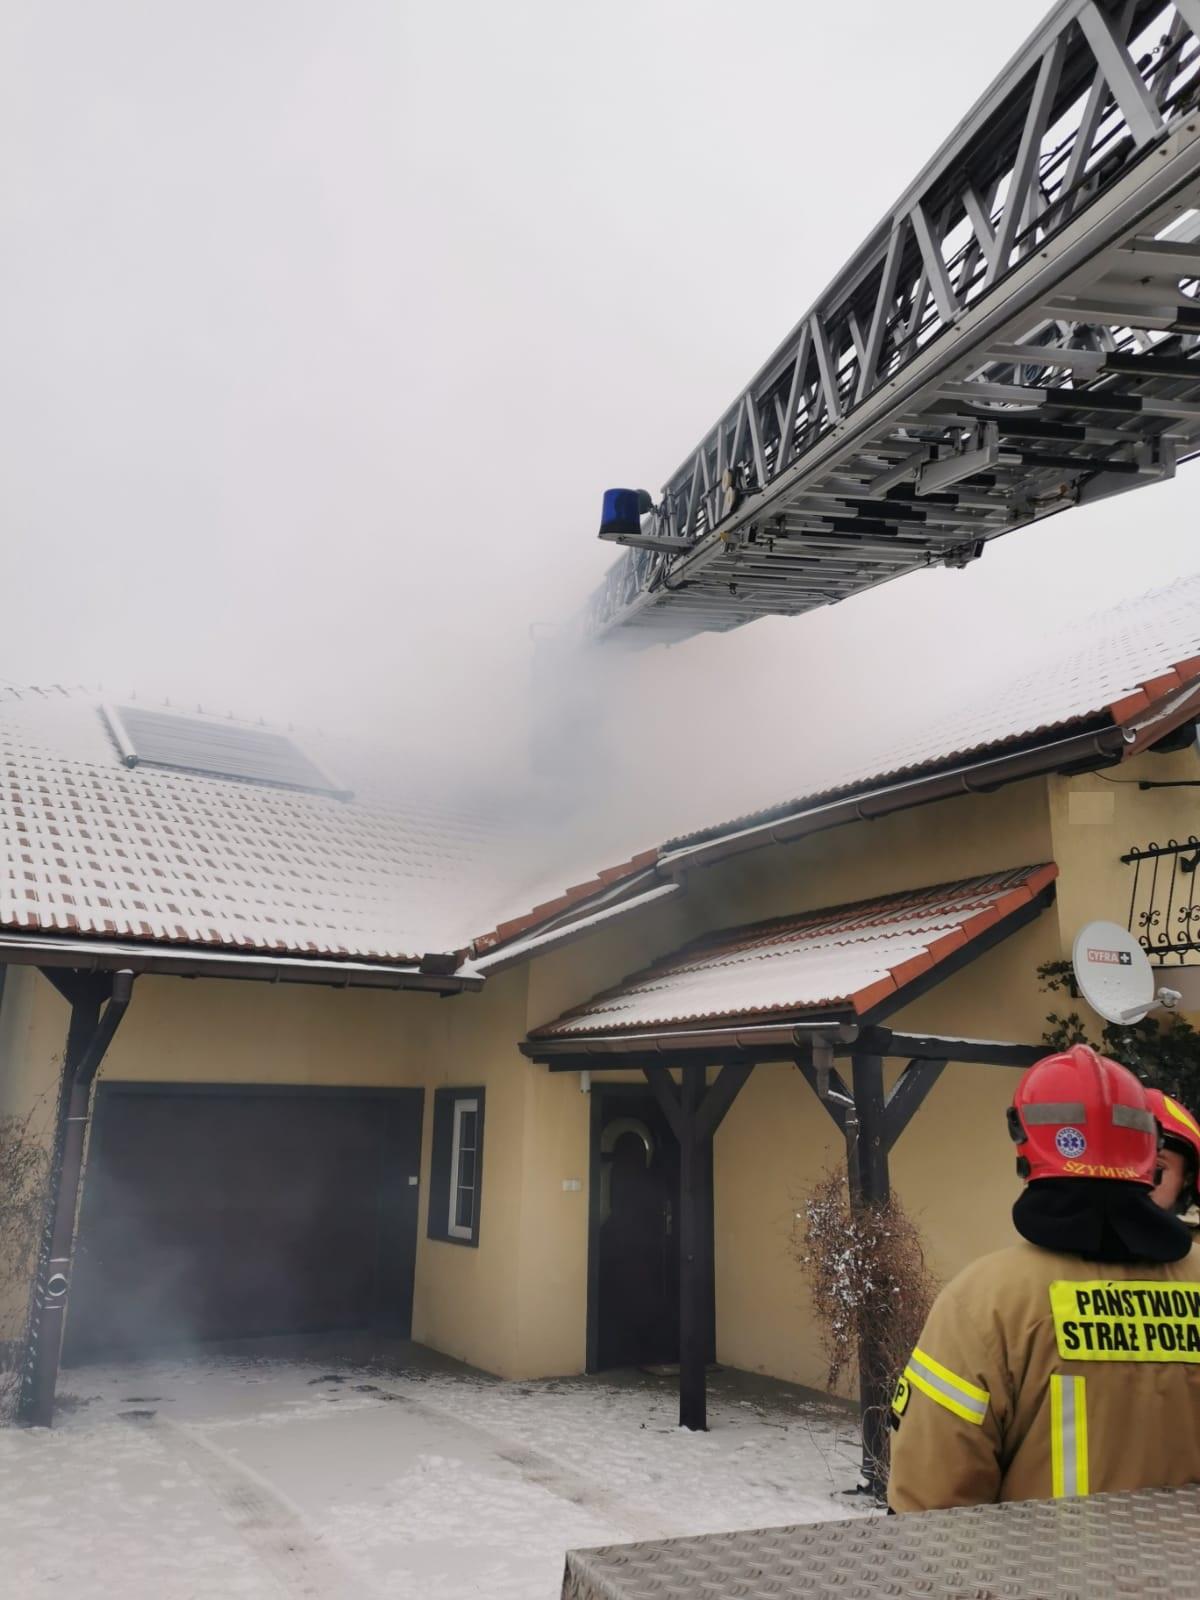 Zima nie odpuszcza, strażacy gaszą pożary sadzy